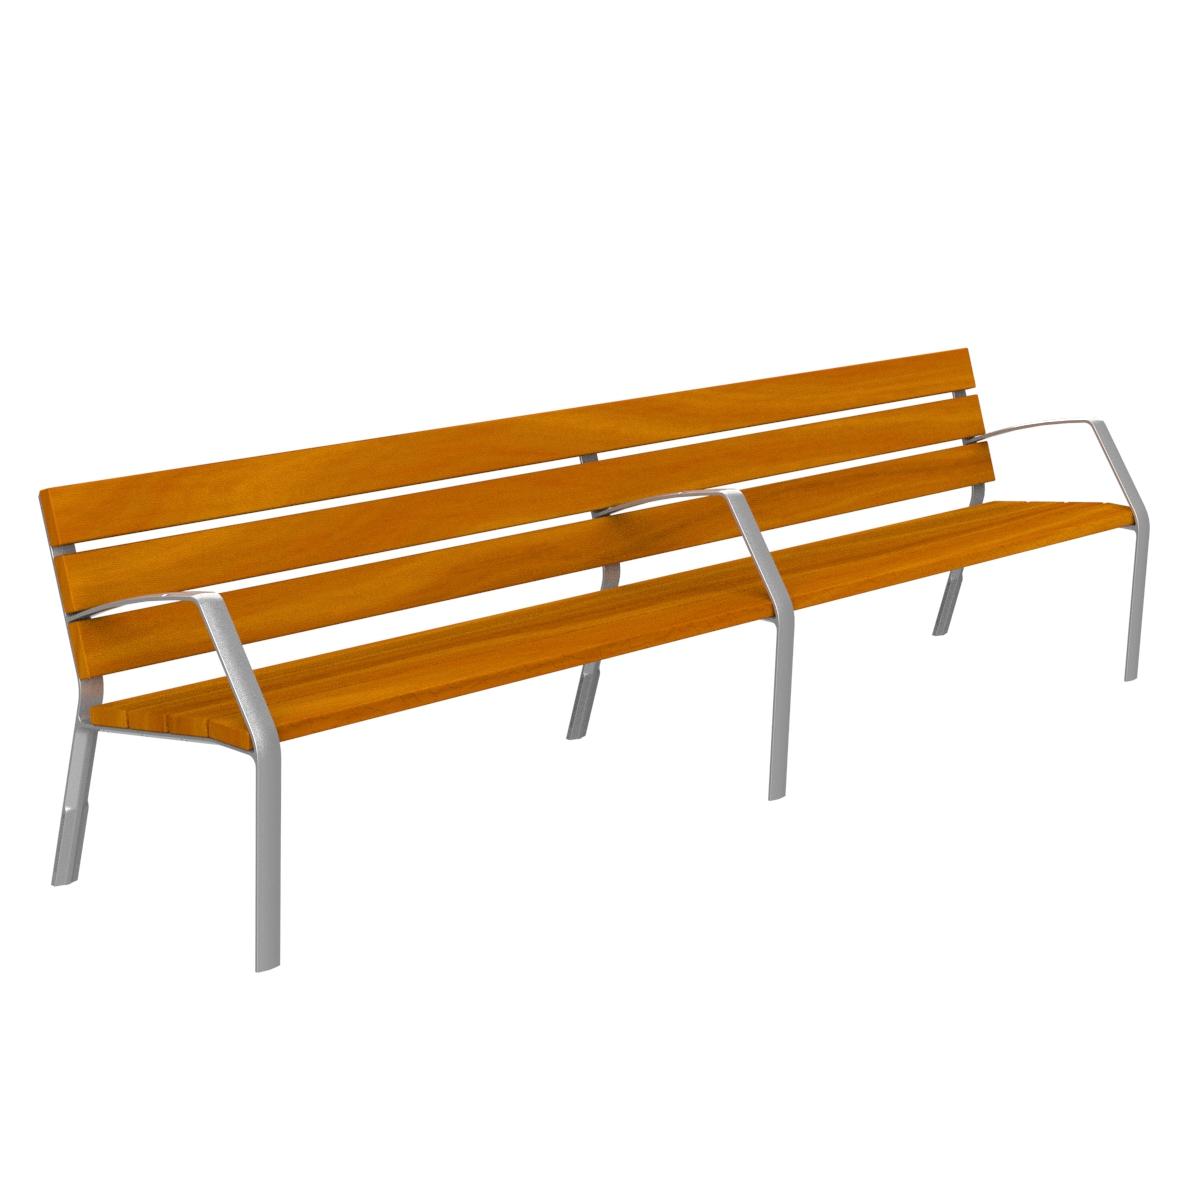 Banco de madera tropical y patas de aluminio adonizado